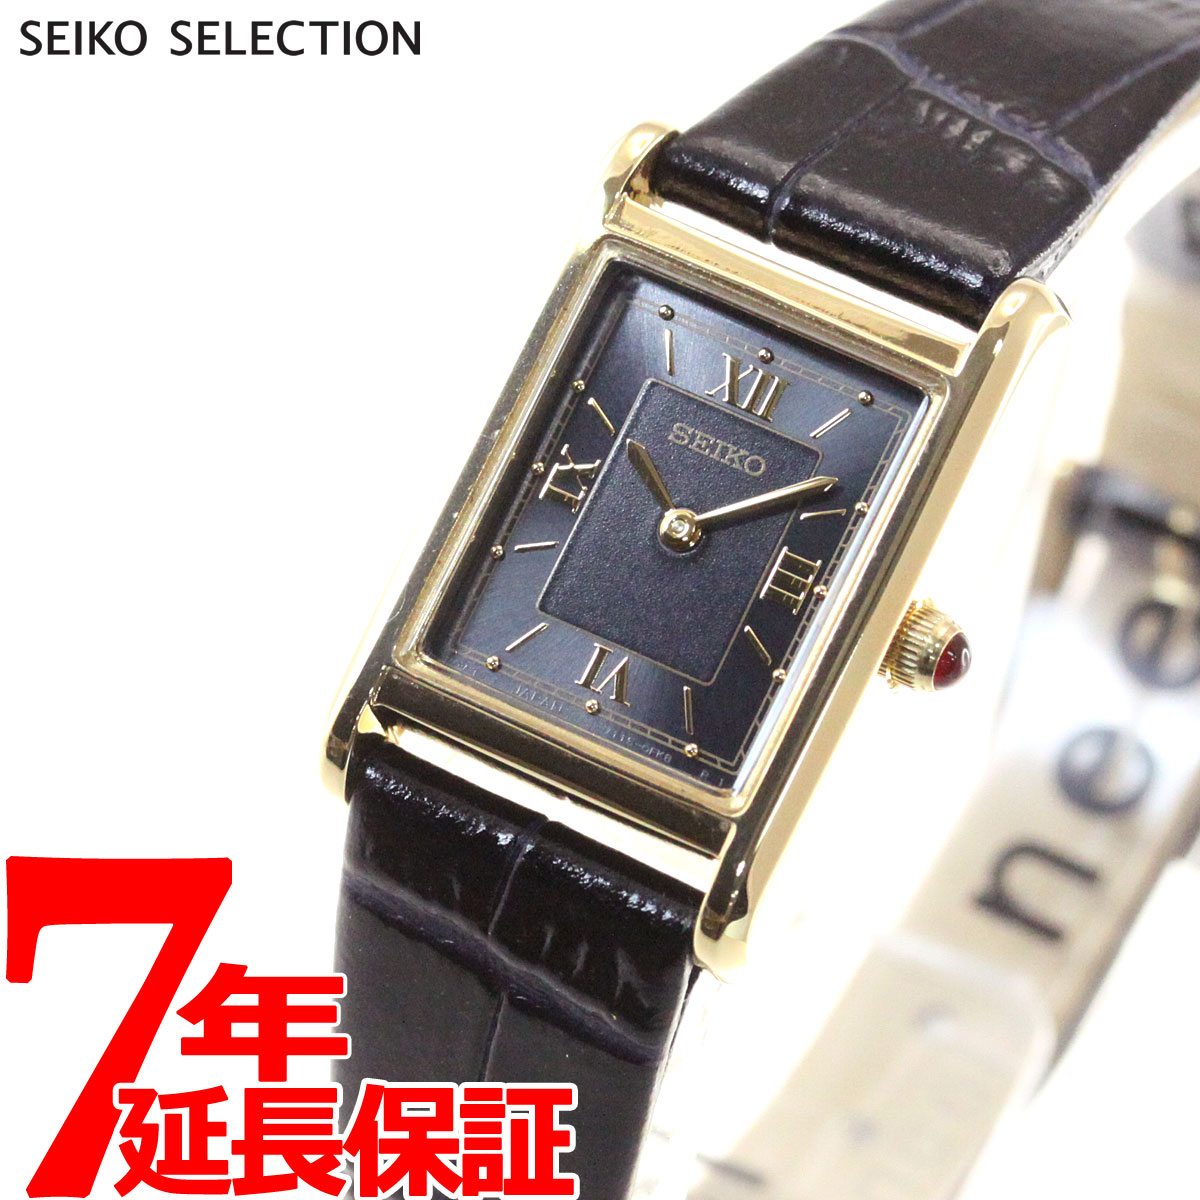 セイコー セレクション SEIKO SELECTION ソーラー 流通限定モデル 腕時計 レディース ナノ・ユニバース nano・universe STPR070